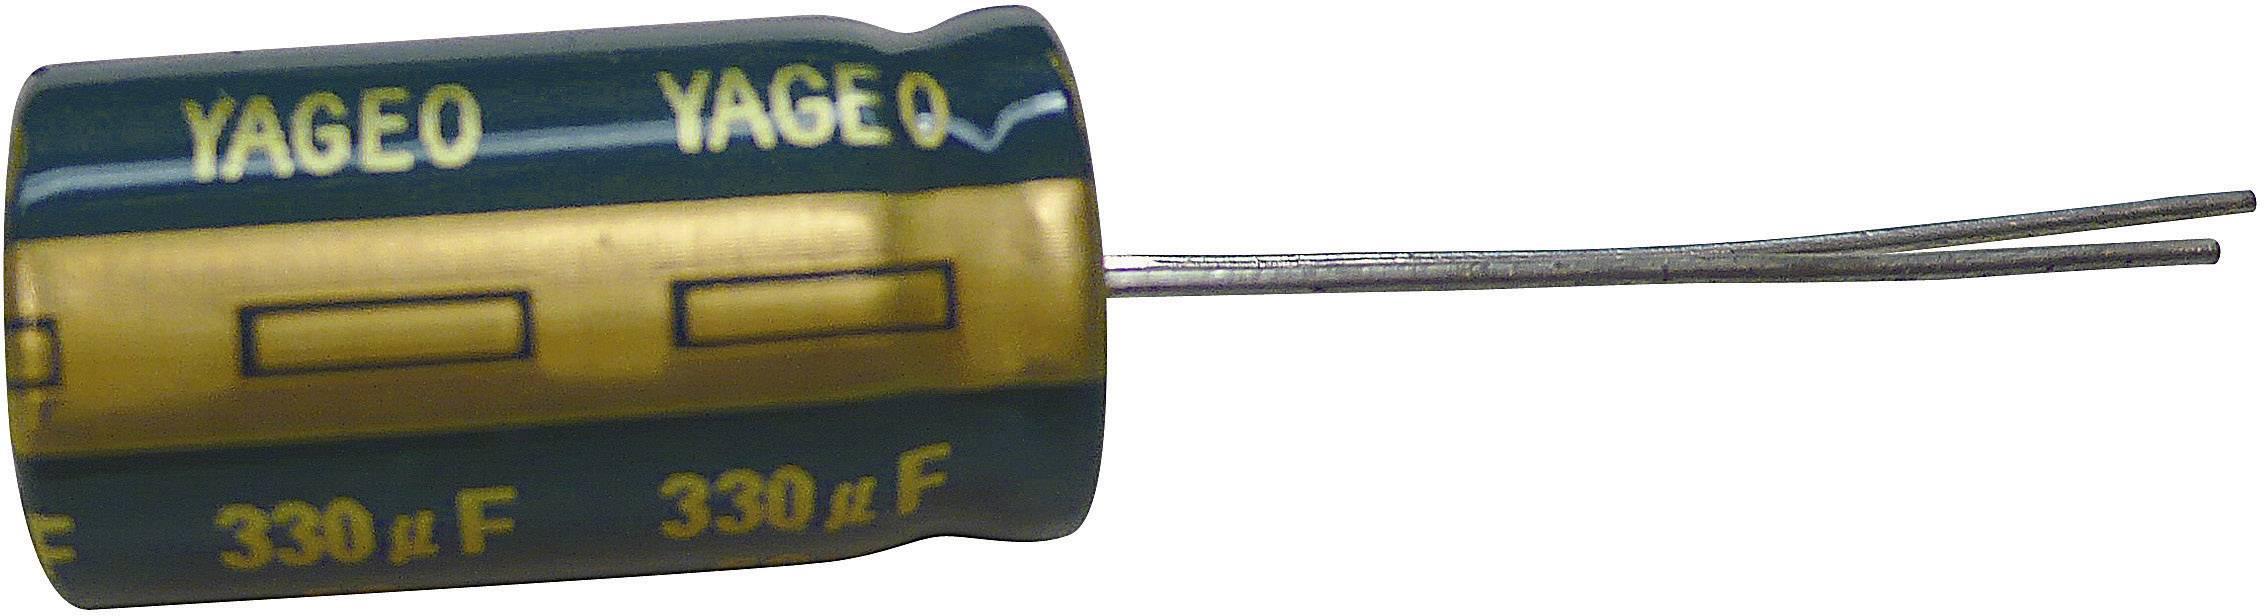 Kondenzátor elektrolytický Yageo SY035M3300B7F-1836, 3300 mF, 35 V, 20 %, 36 x 18 mm